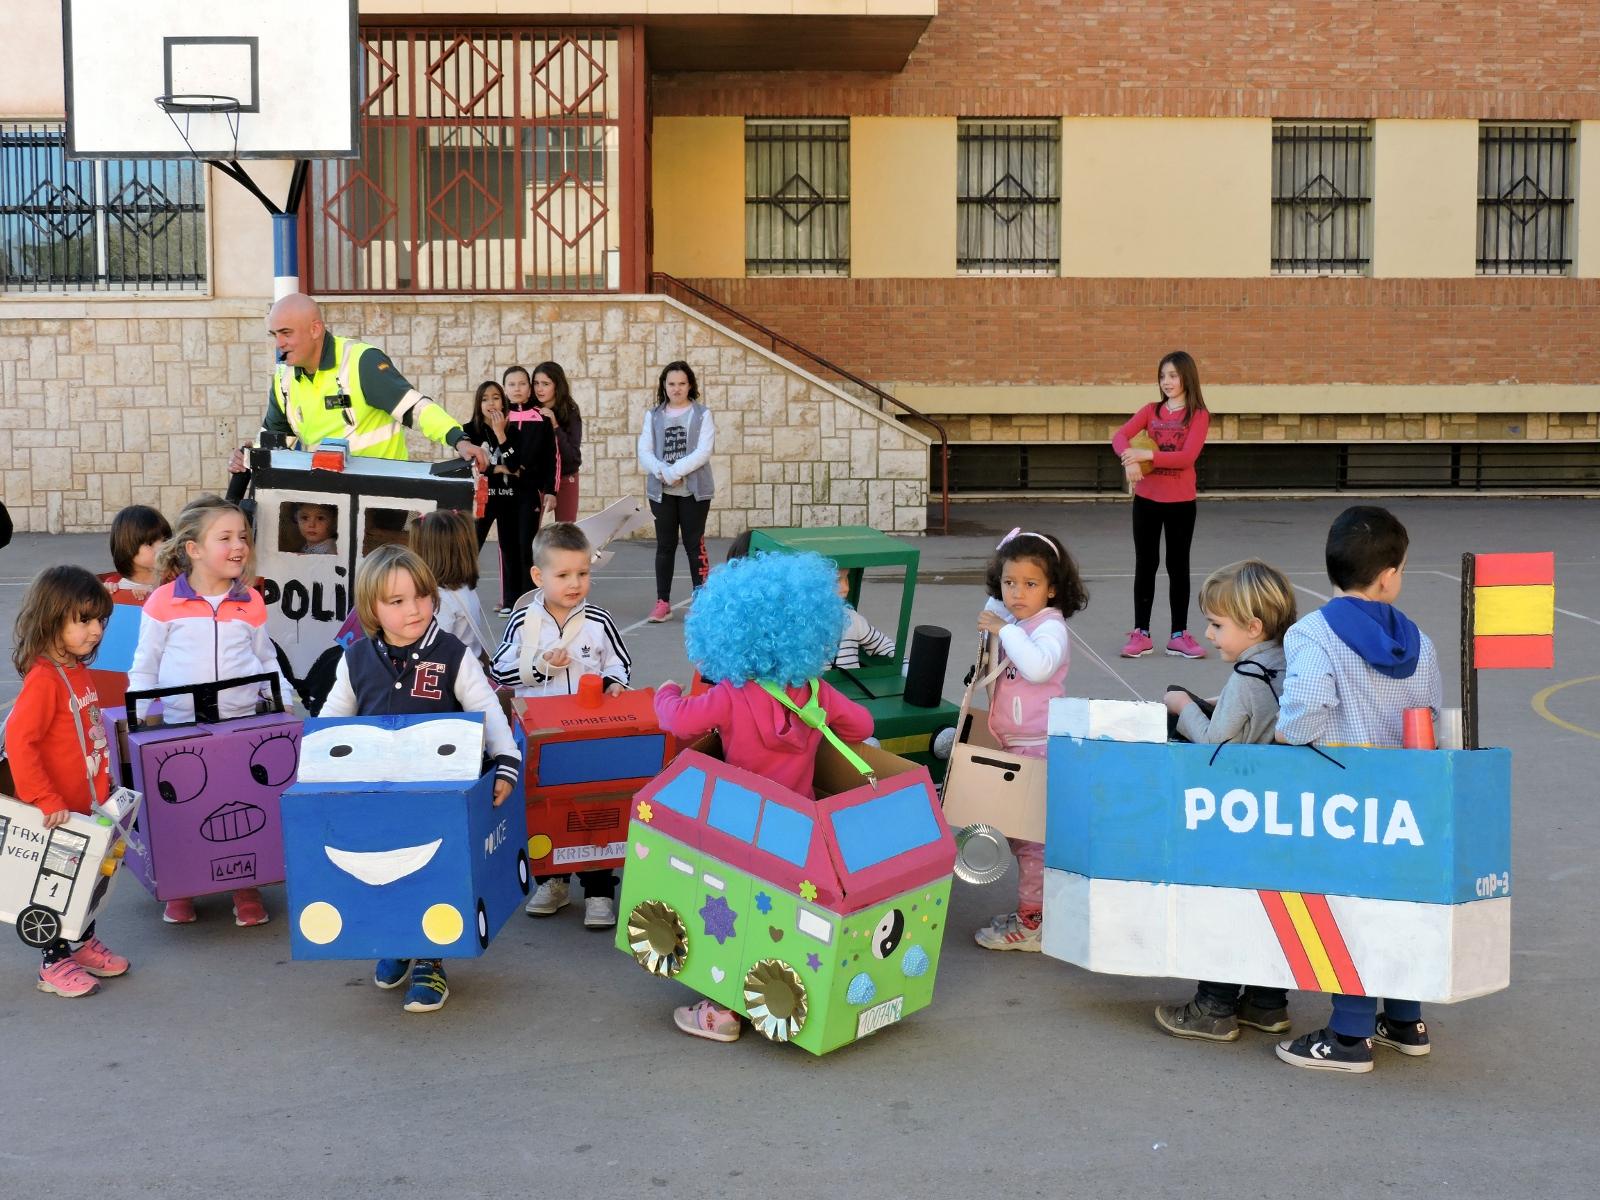 Circuito Vial Para Niños : Educación infantil realiza un proyecto sobre los medios de